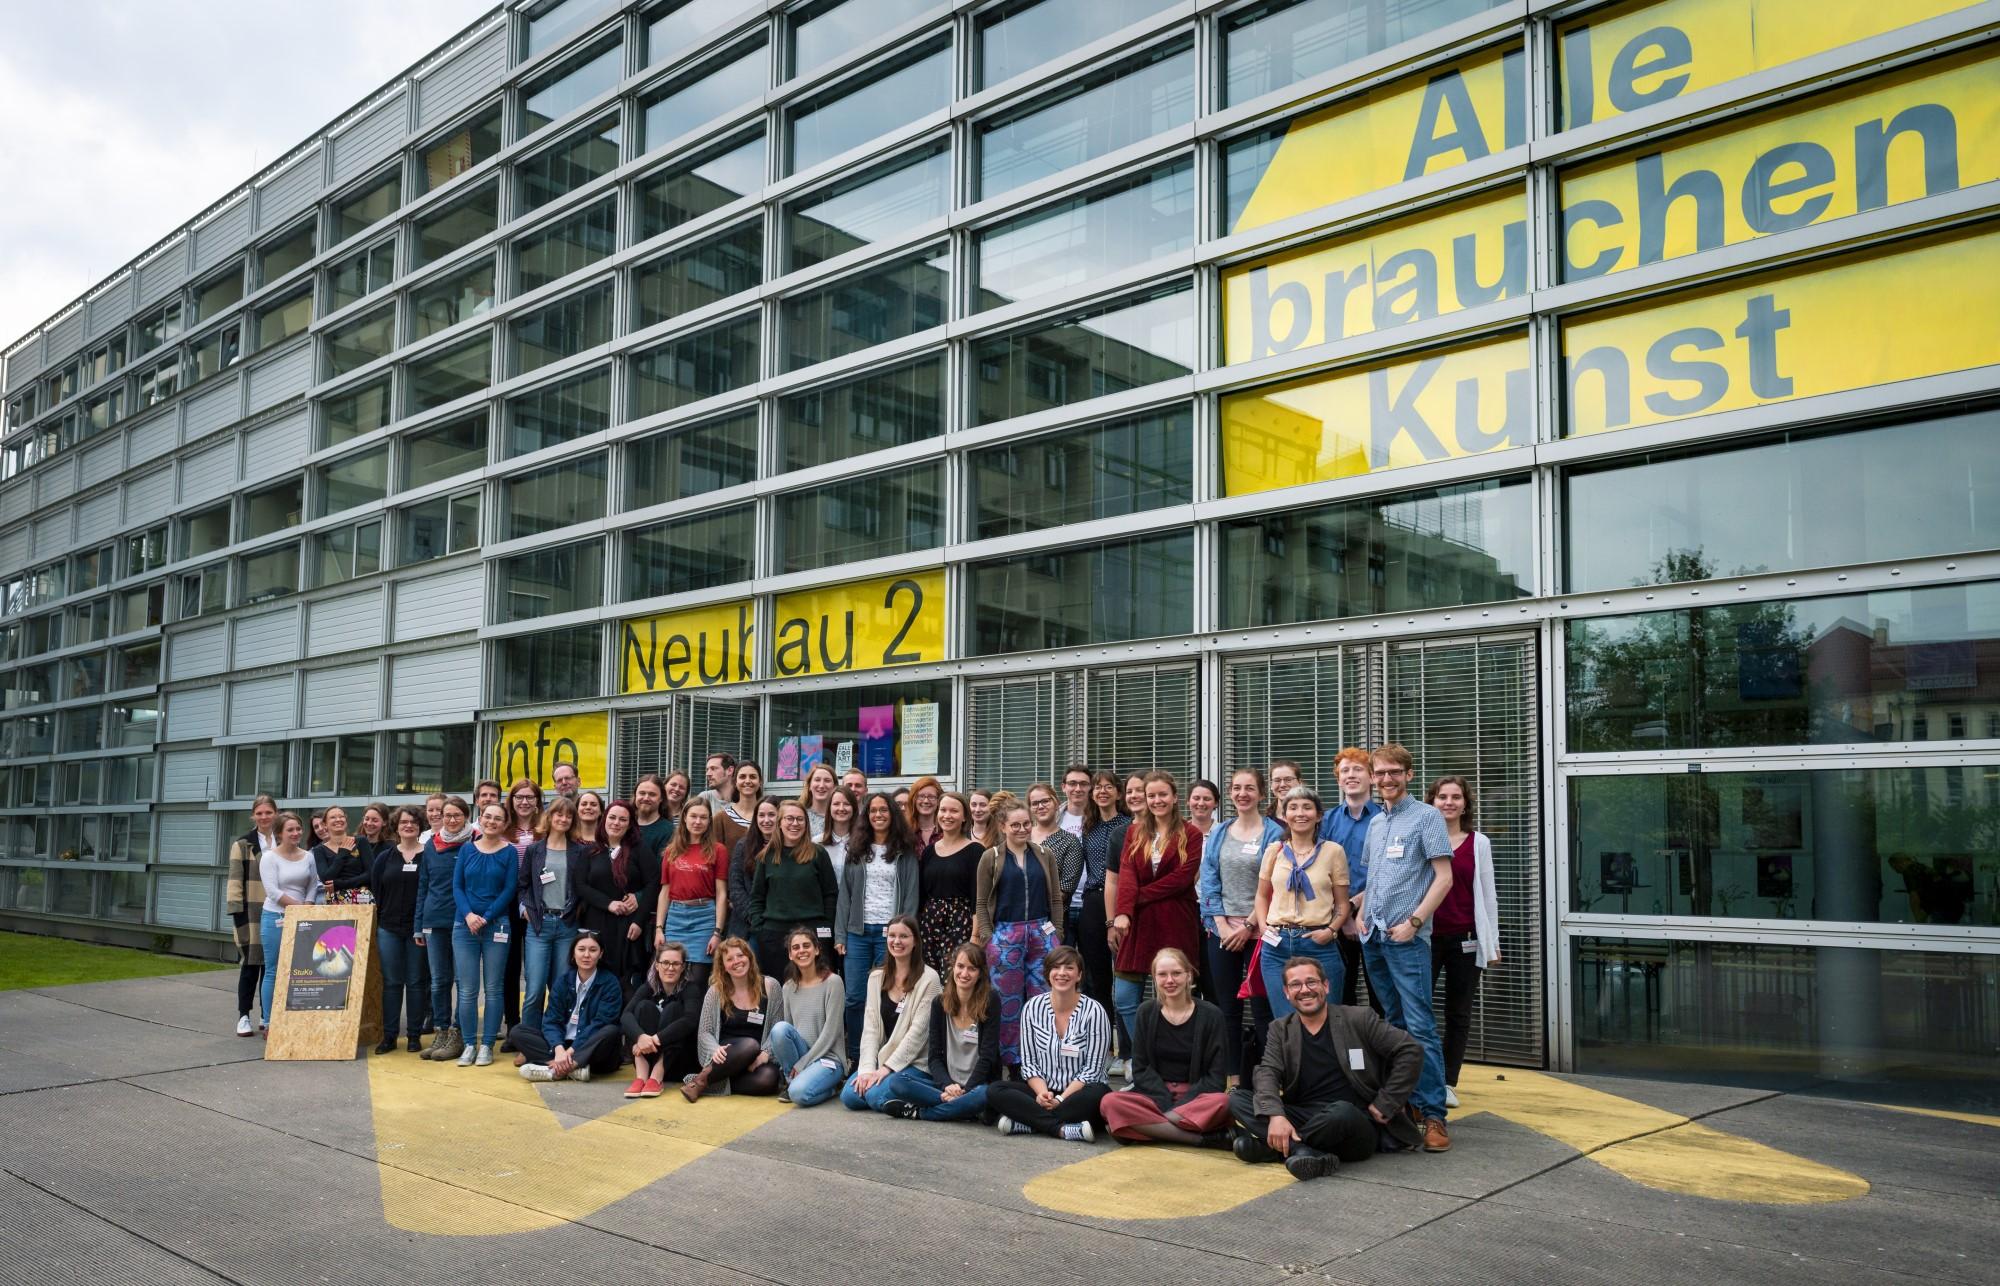 Gruppenfoto vor dem Neubau II der ABK Stuttgart (Foto: Dennis Mitschke, 2019)